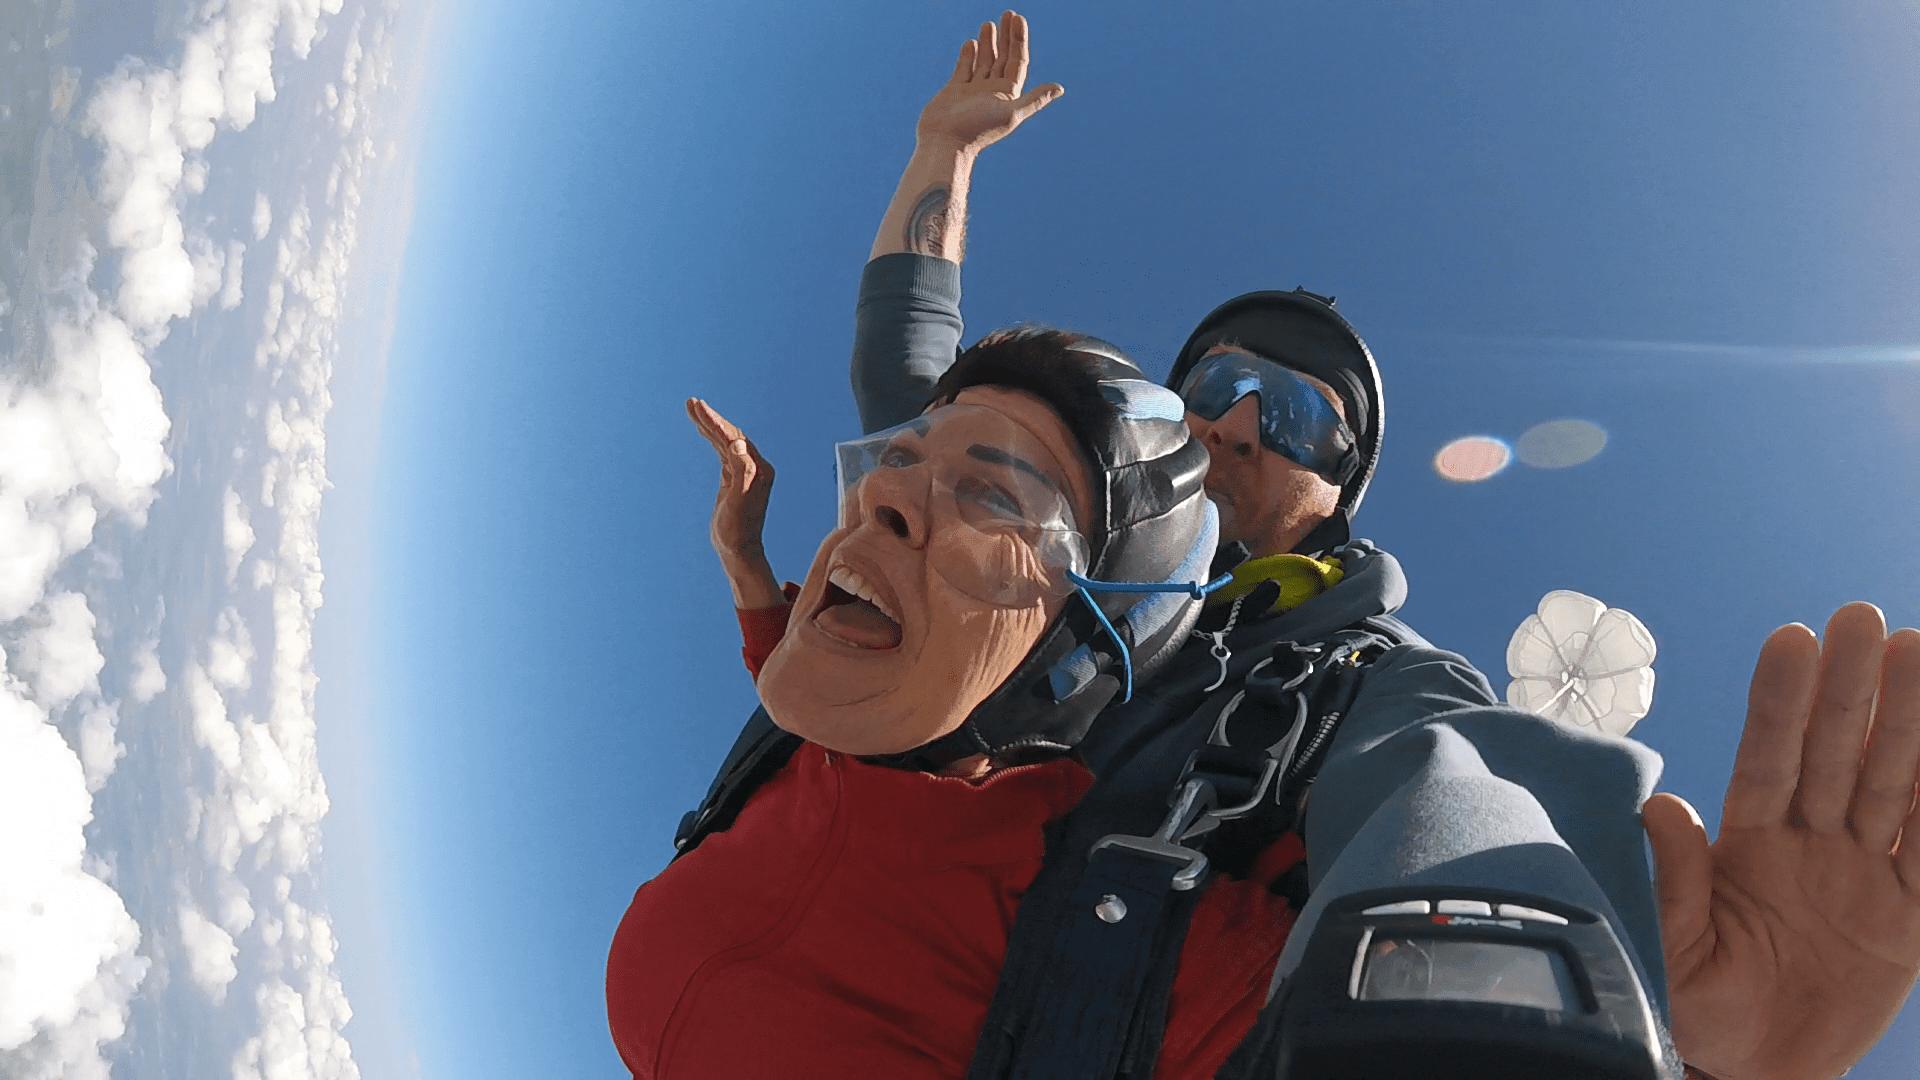 Freifall Geschwindigkeit 200 km/h Tandemspringen